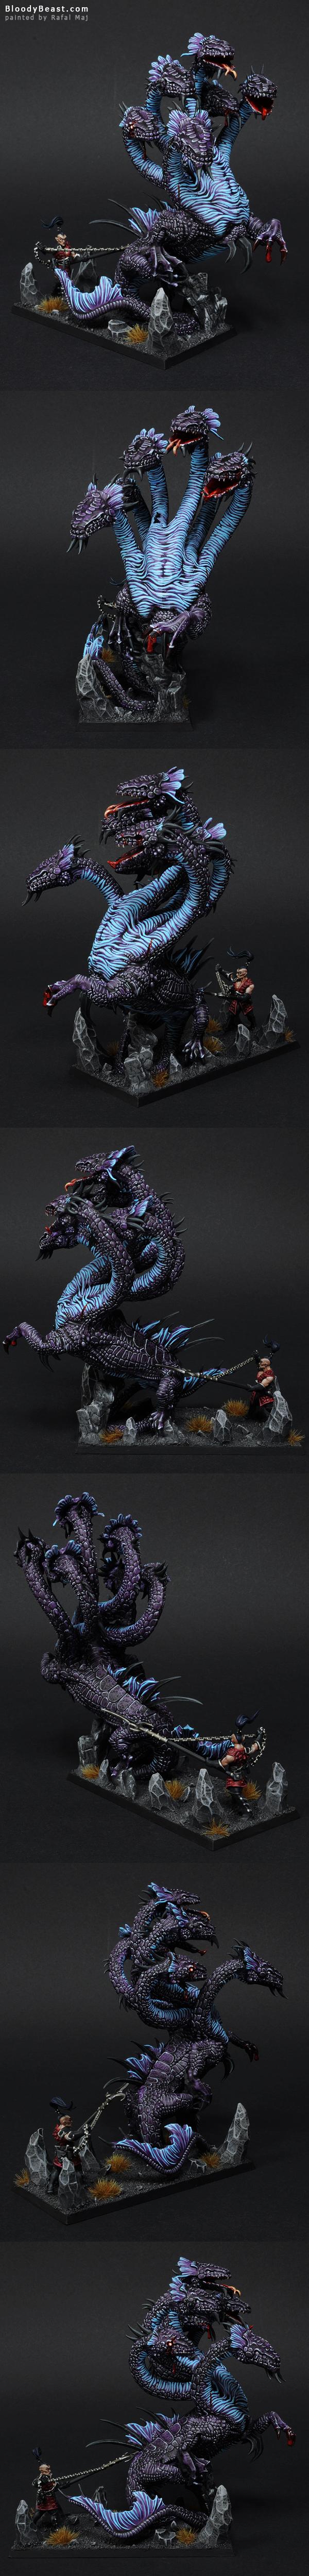 Dark Elves War Hydra